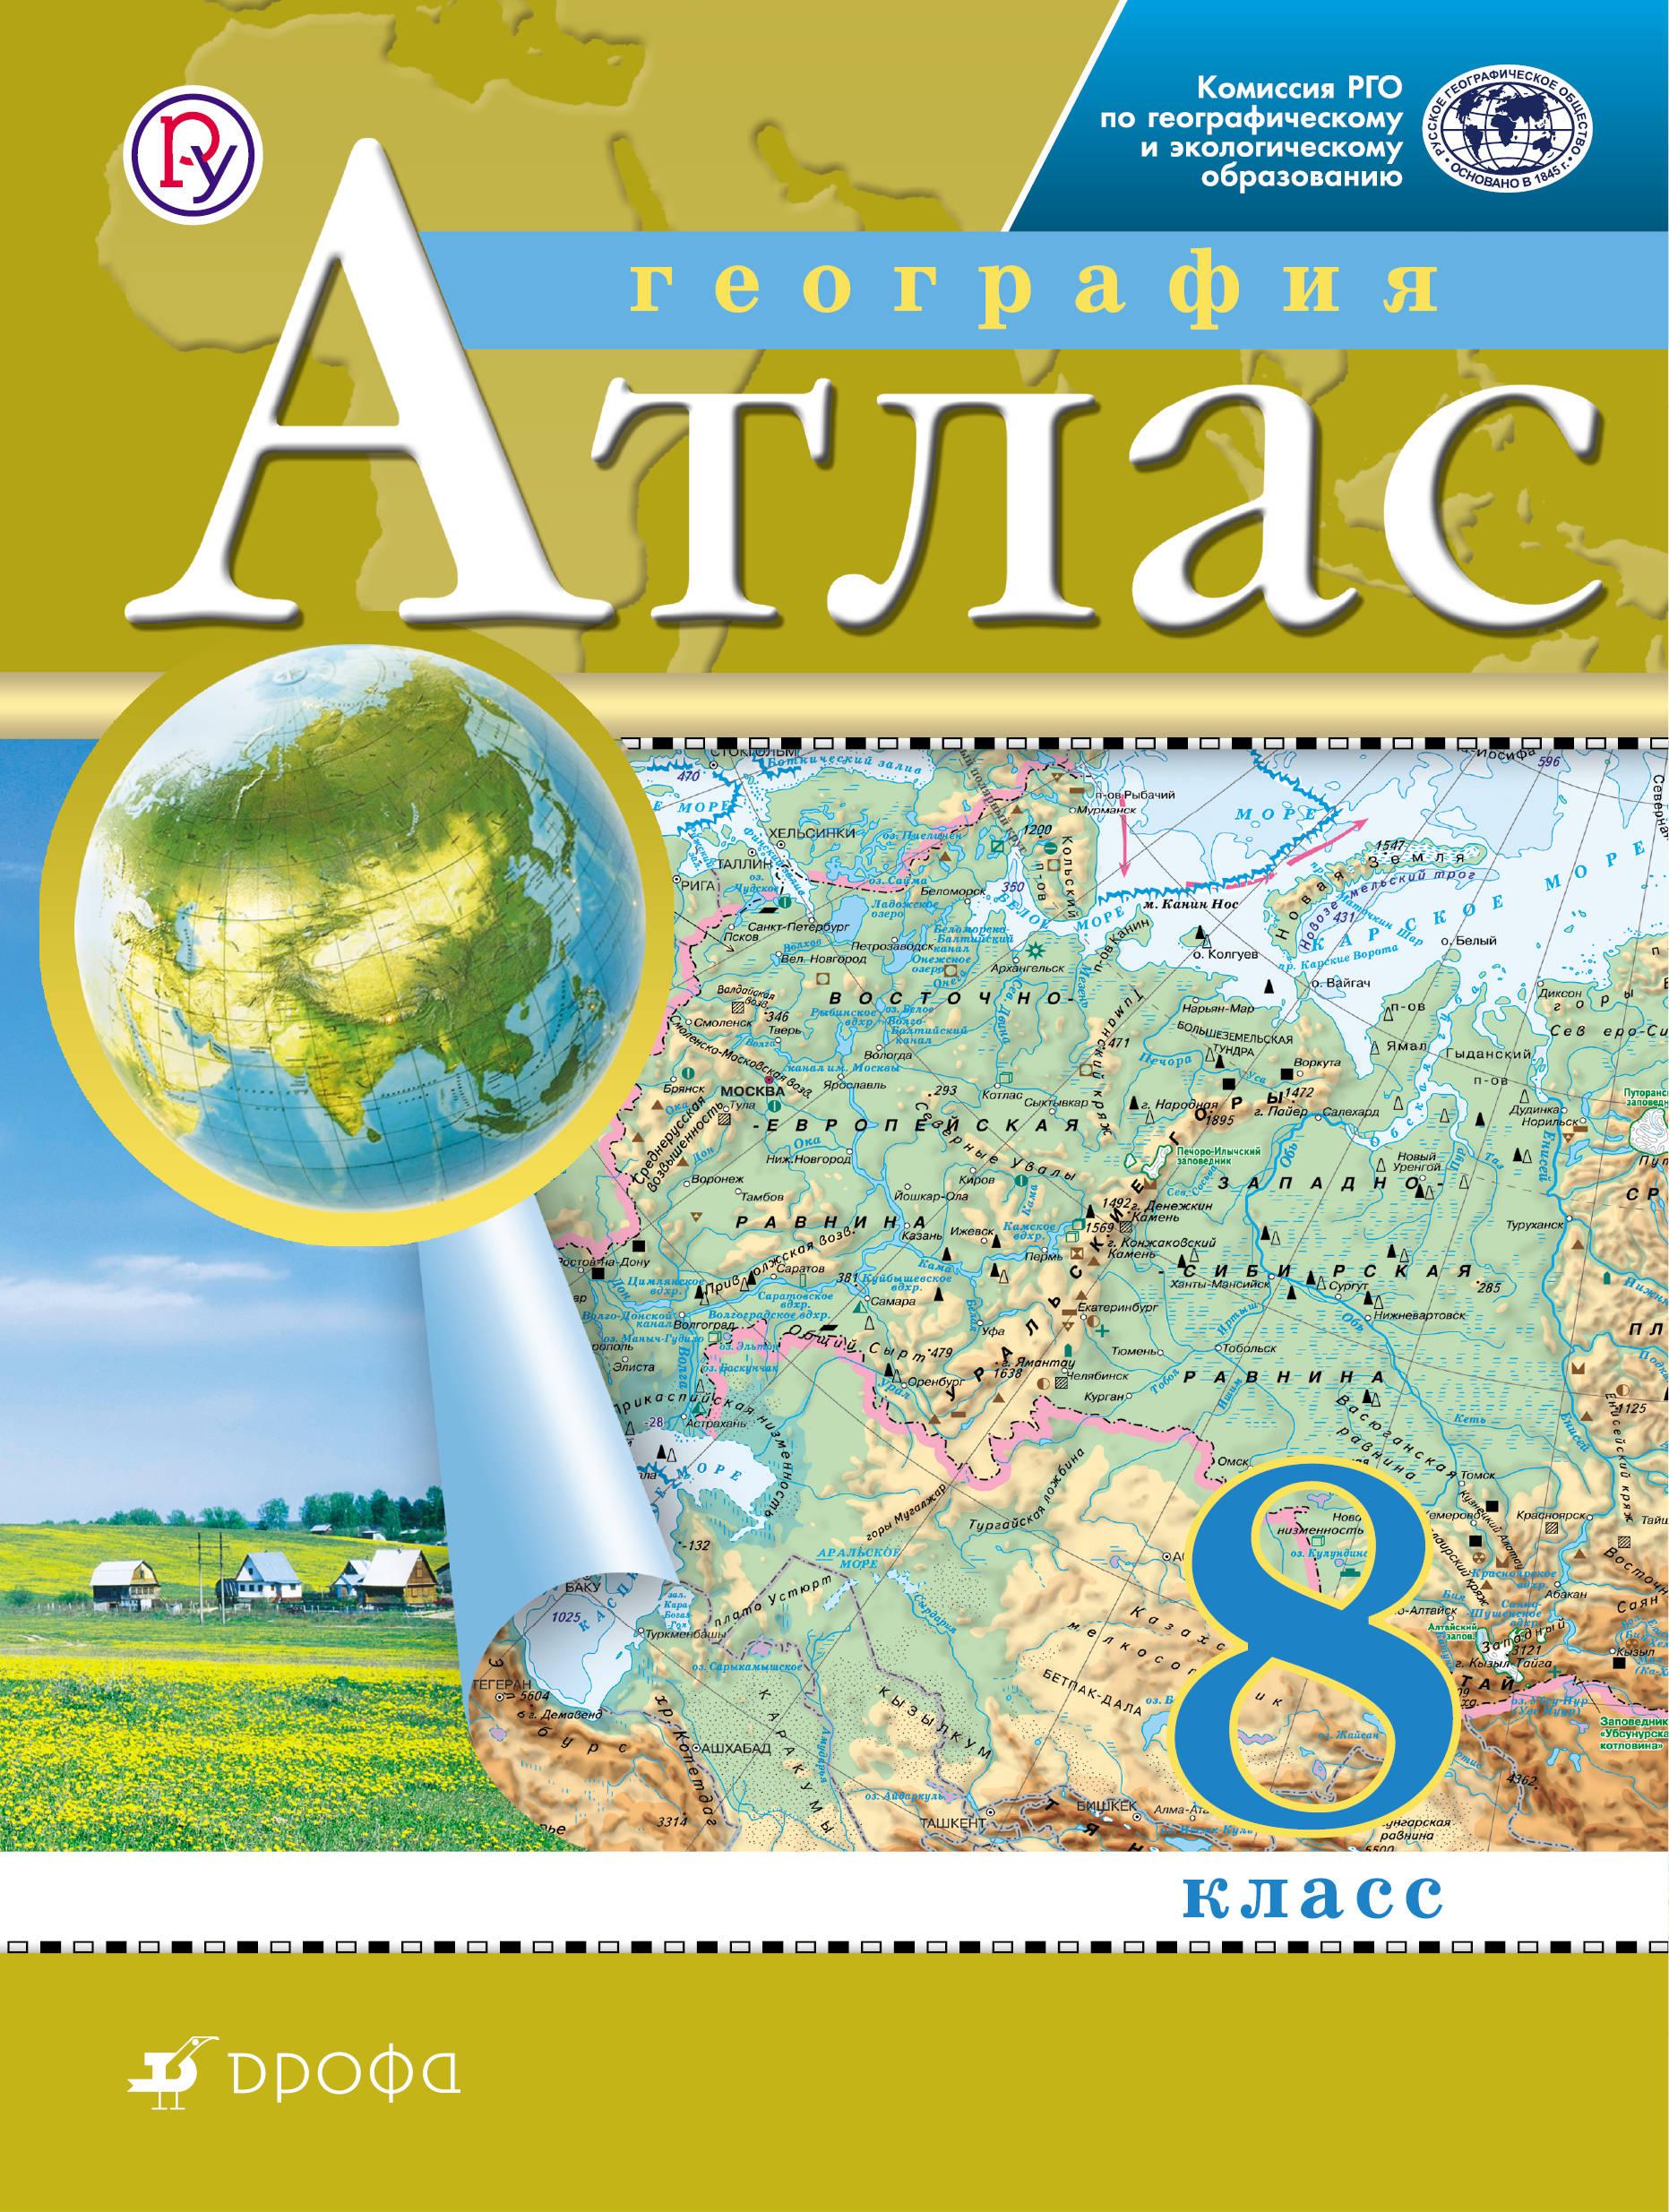 География. 8 класс. Атлас. (Традиционный комплект) (РГО) научная литература по географии